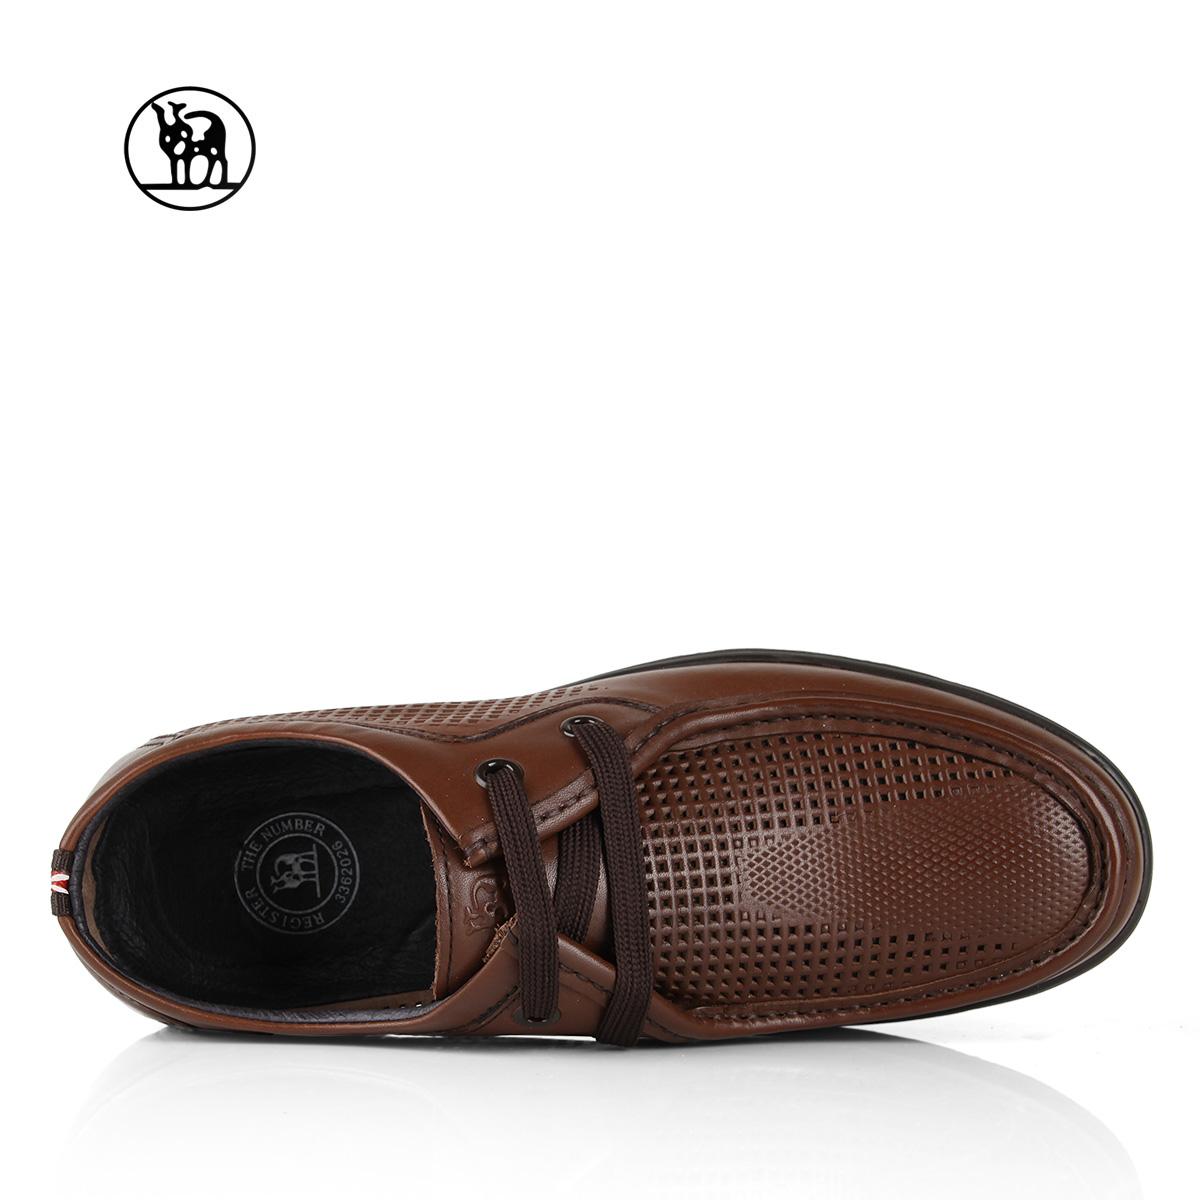 Демисезонные ботинки Wise Sheep 8532 Официальные Верхний слой из натуральной кожи Круглый носок Шнурок Лето